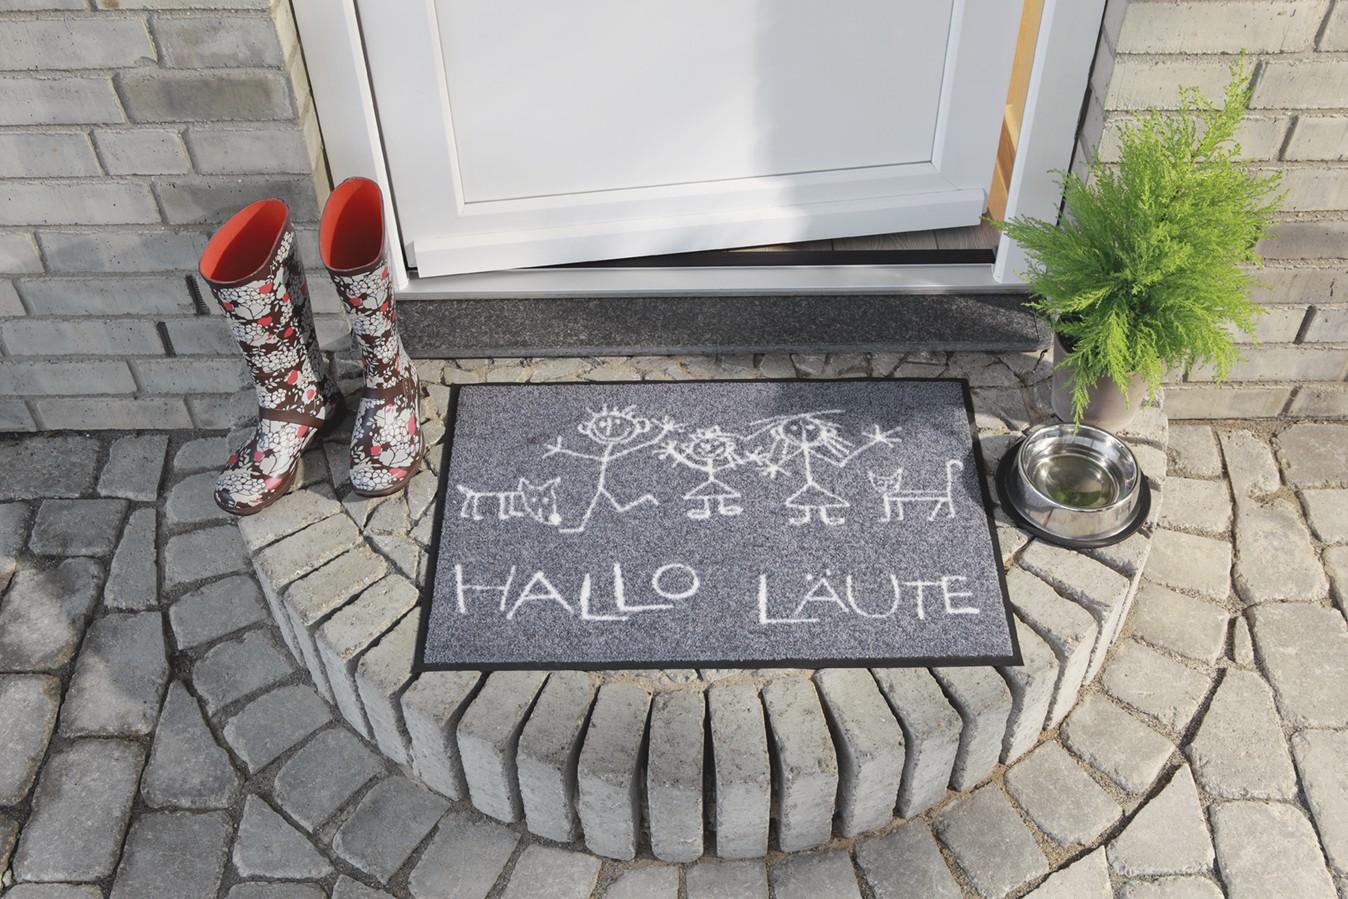 Salonlöwe Schmutzfangmatte waschbar Hallo Läute Anwendungsbild